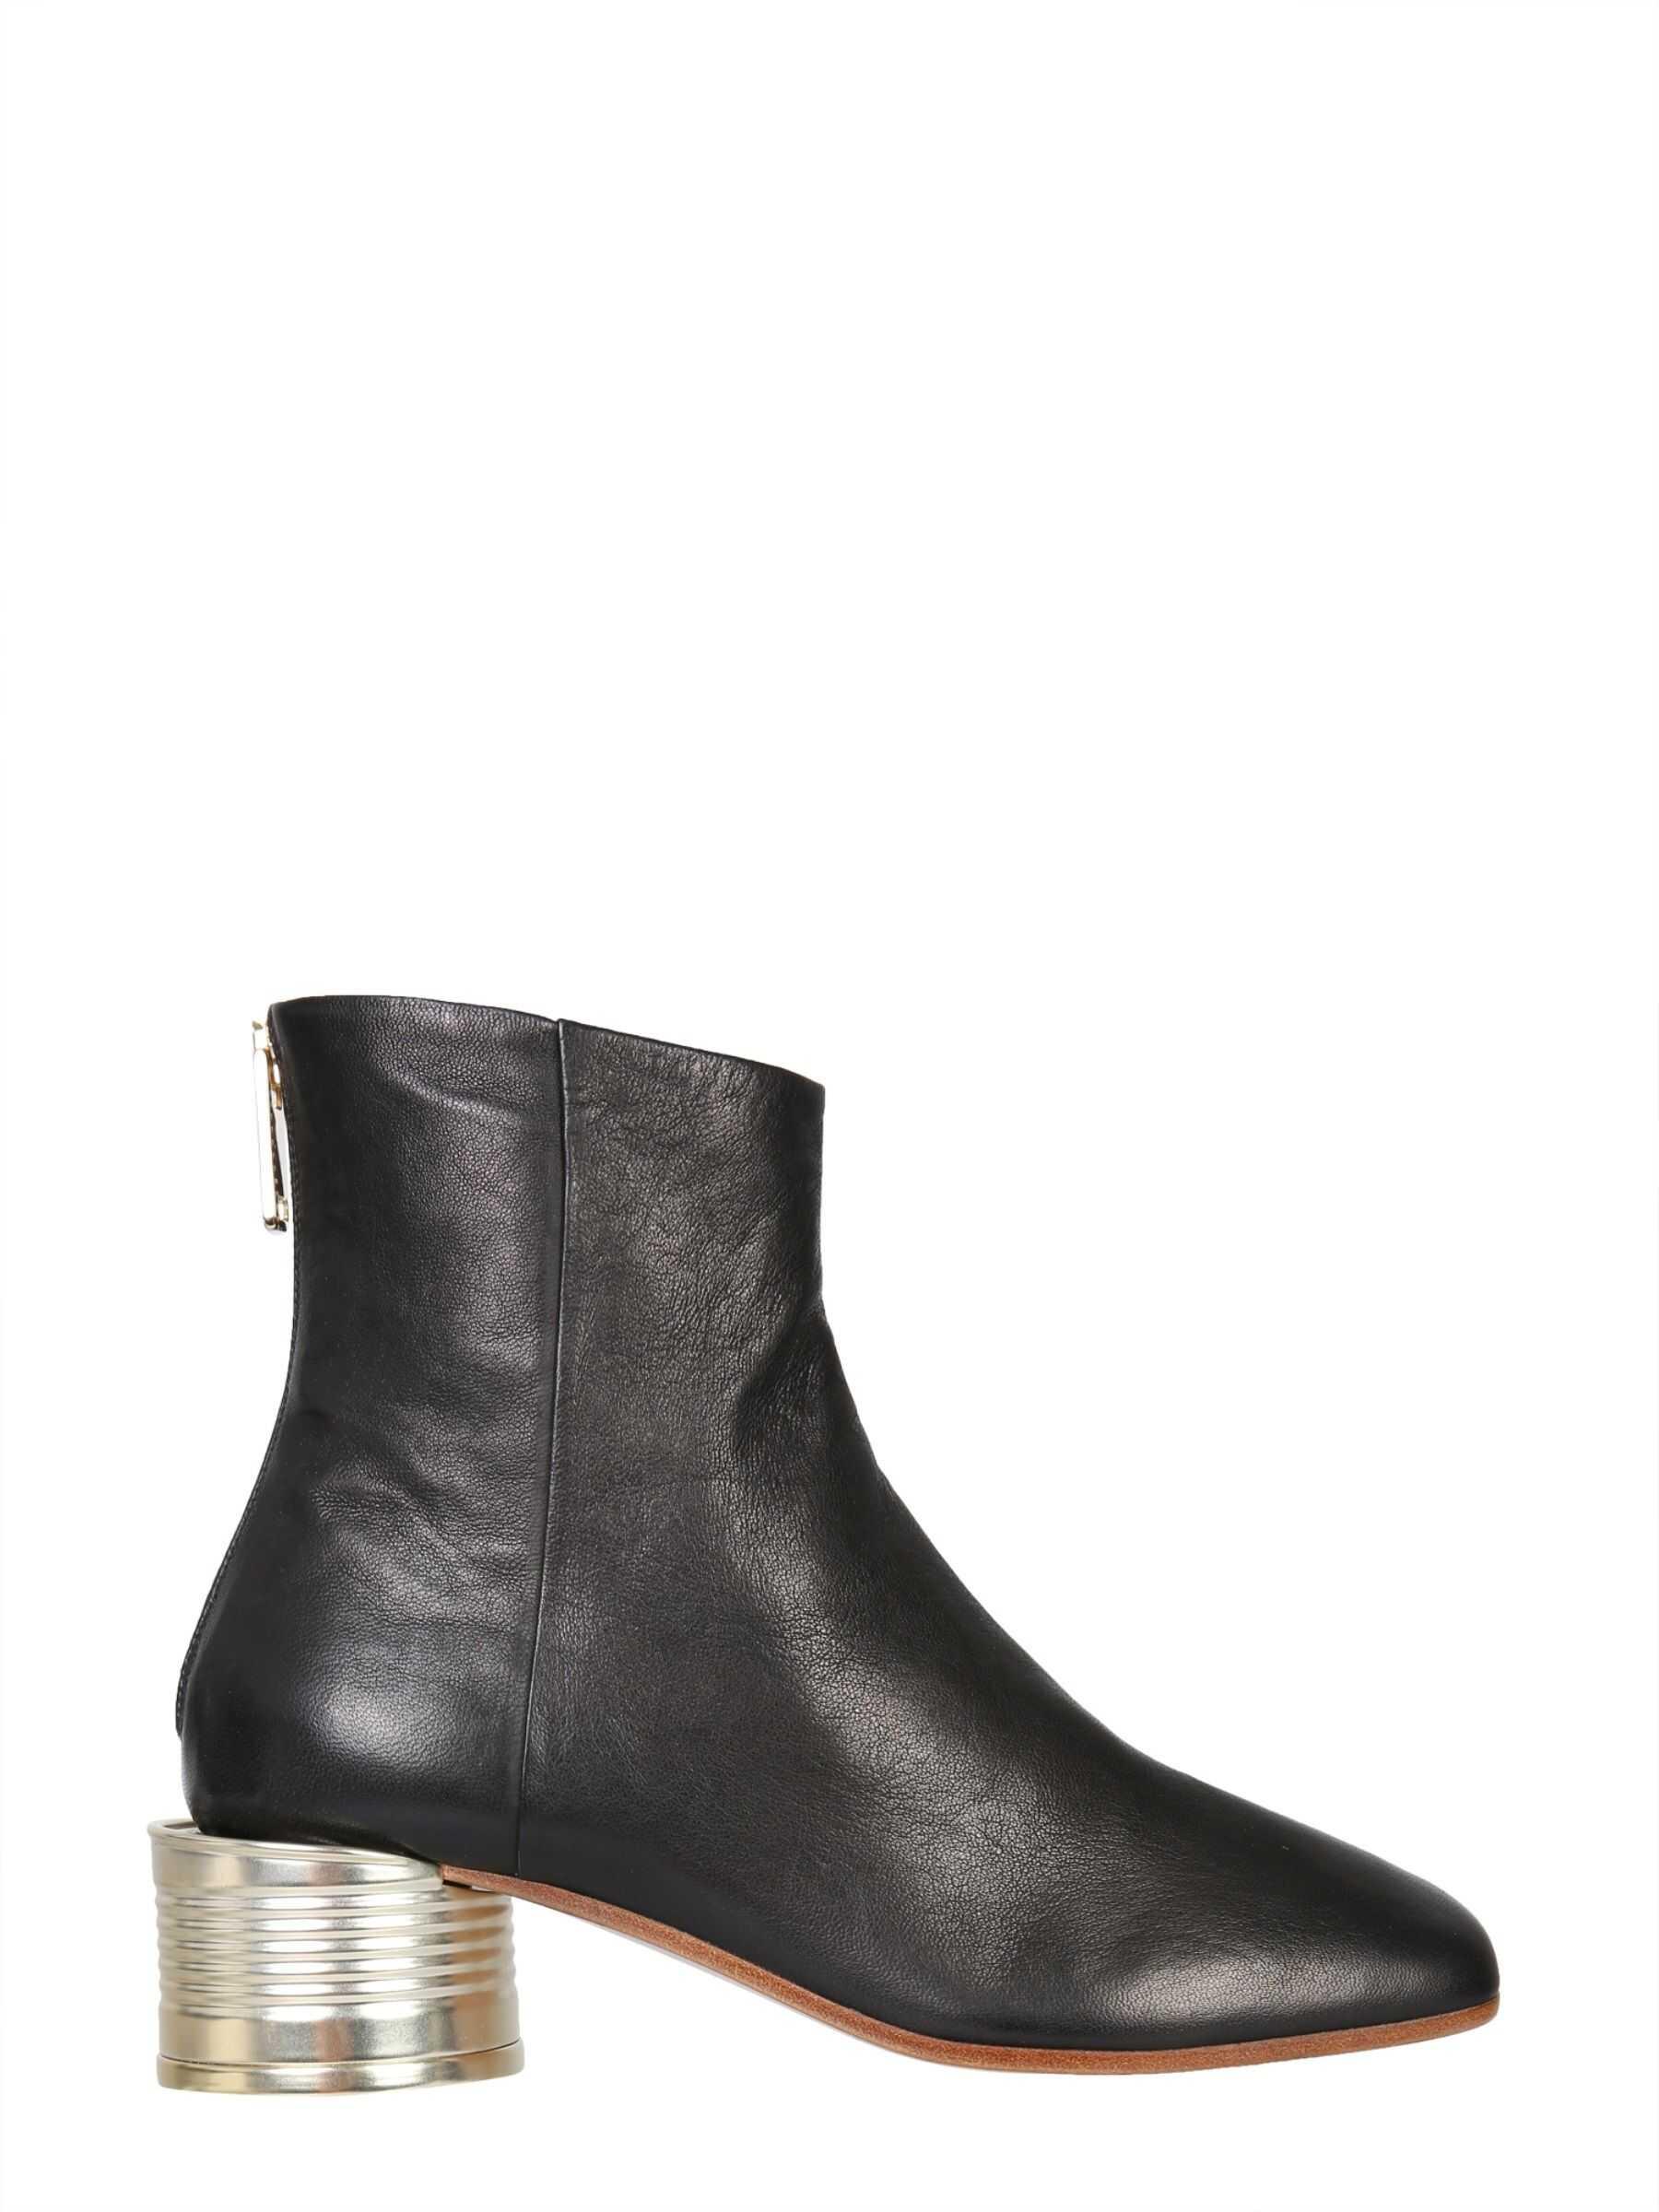 Tin Heel Boots